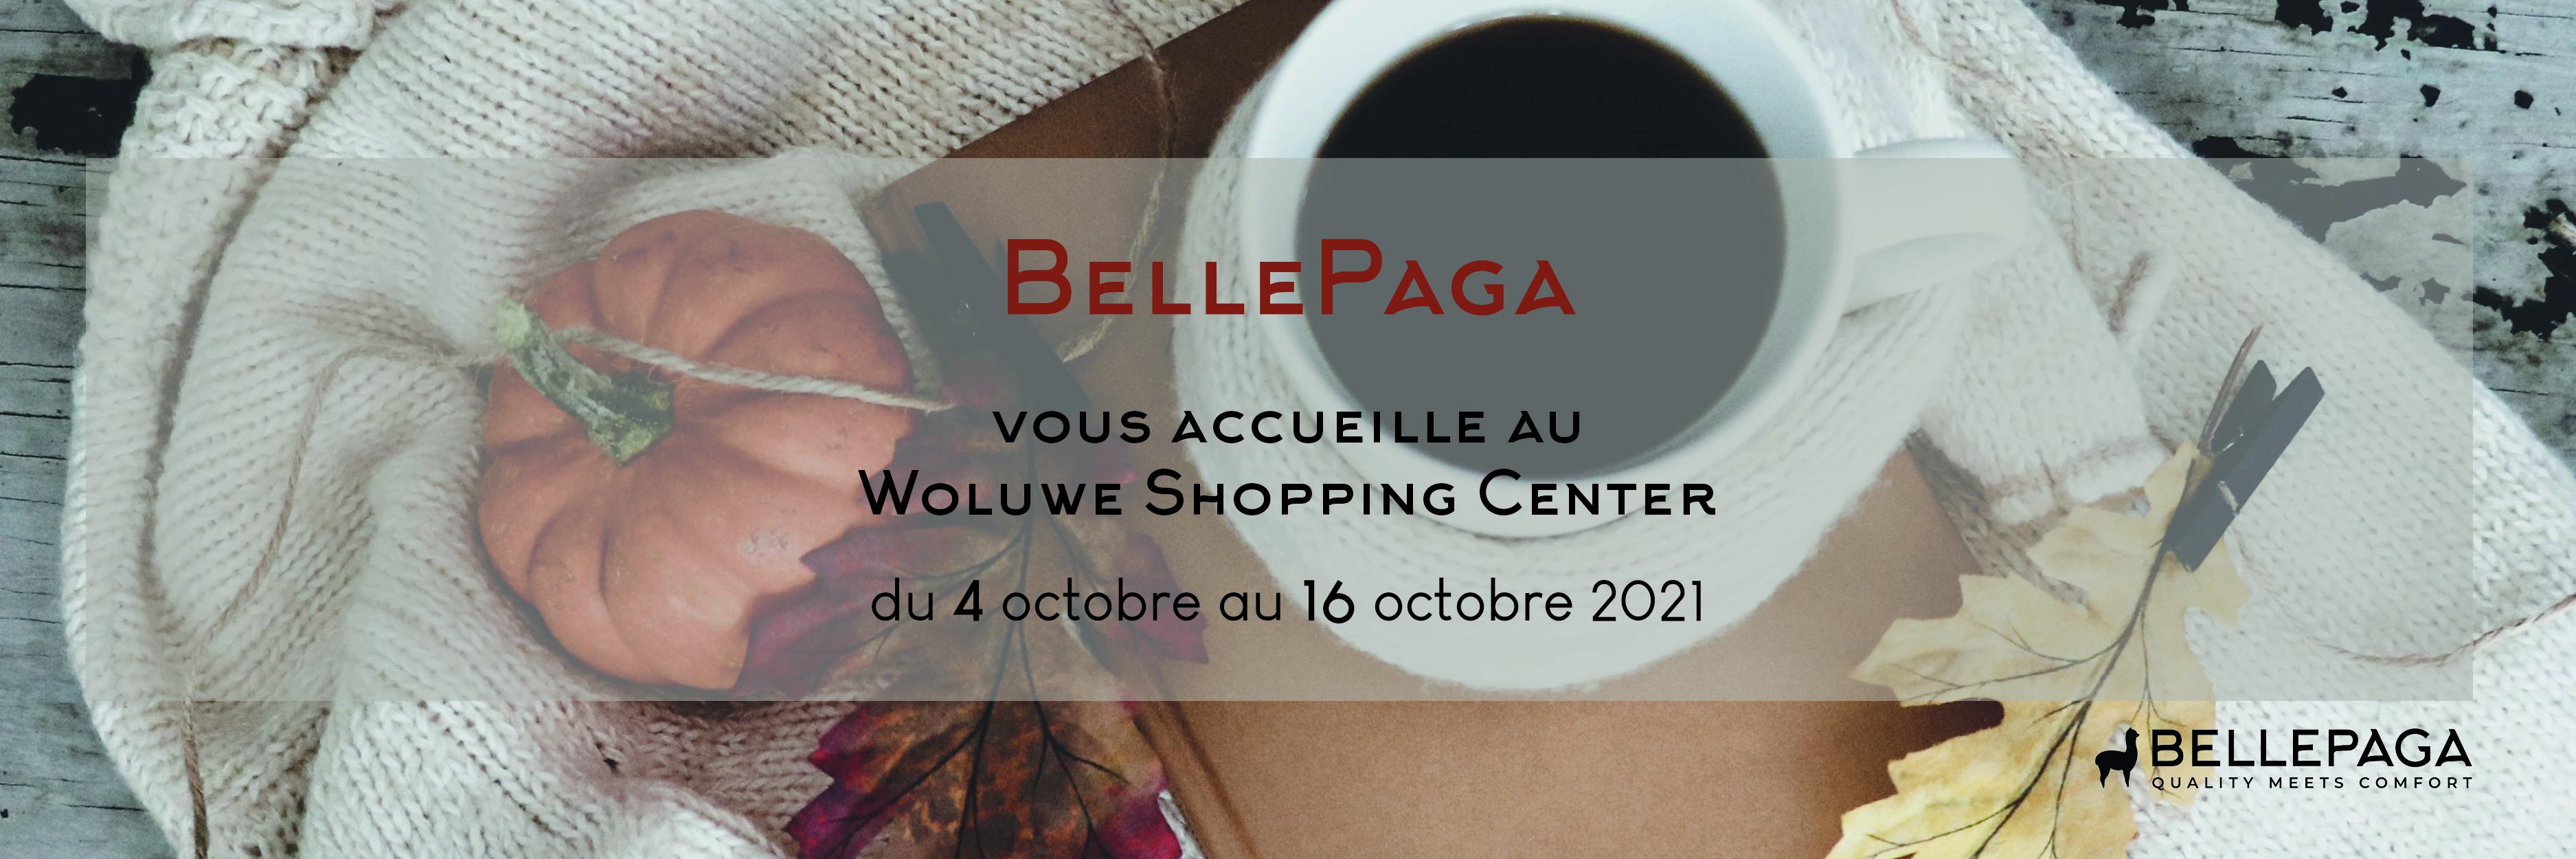 Shopping de Woluwe